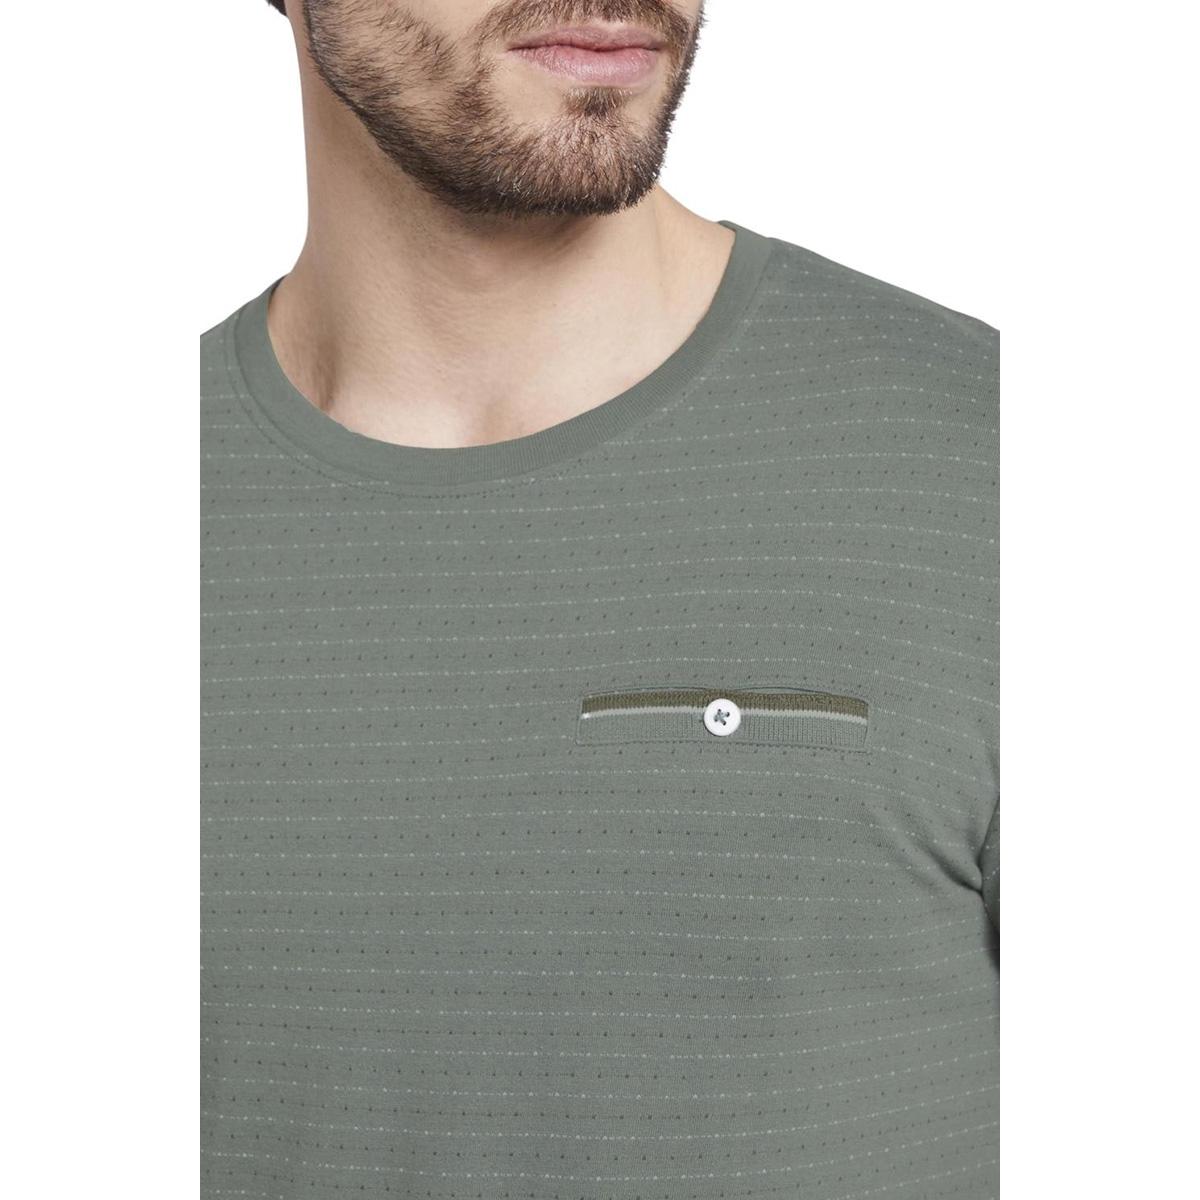 t-shirt met gestructureerd patroon 1018131xx10 tom tailor t-shirt 13182